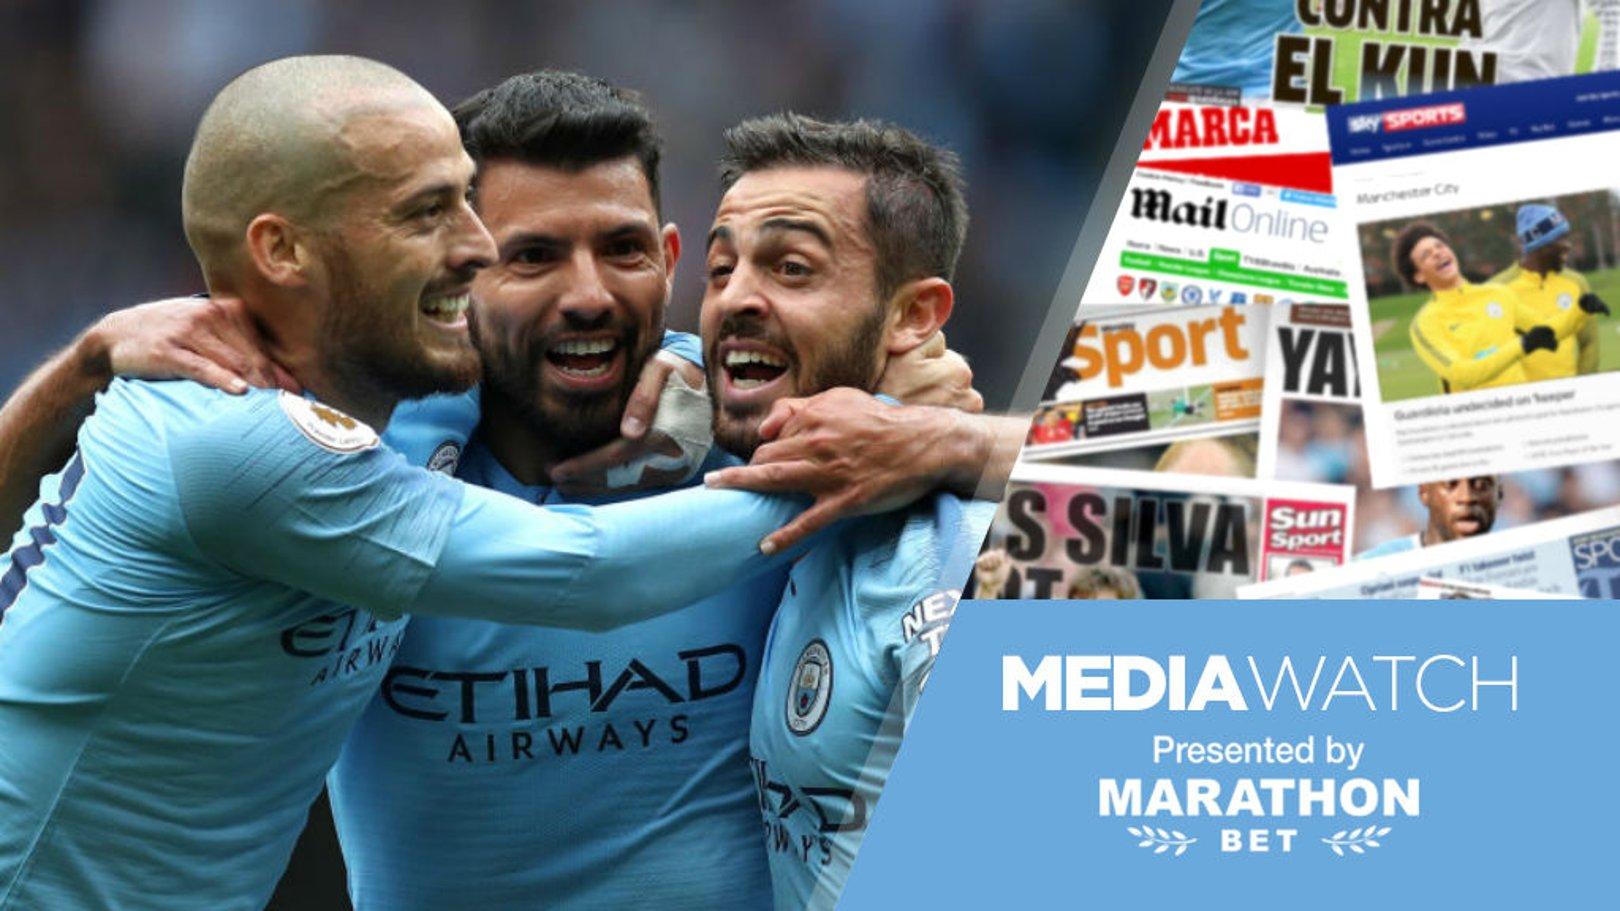 Media watch: Praise for City's Silva streak!